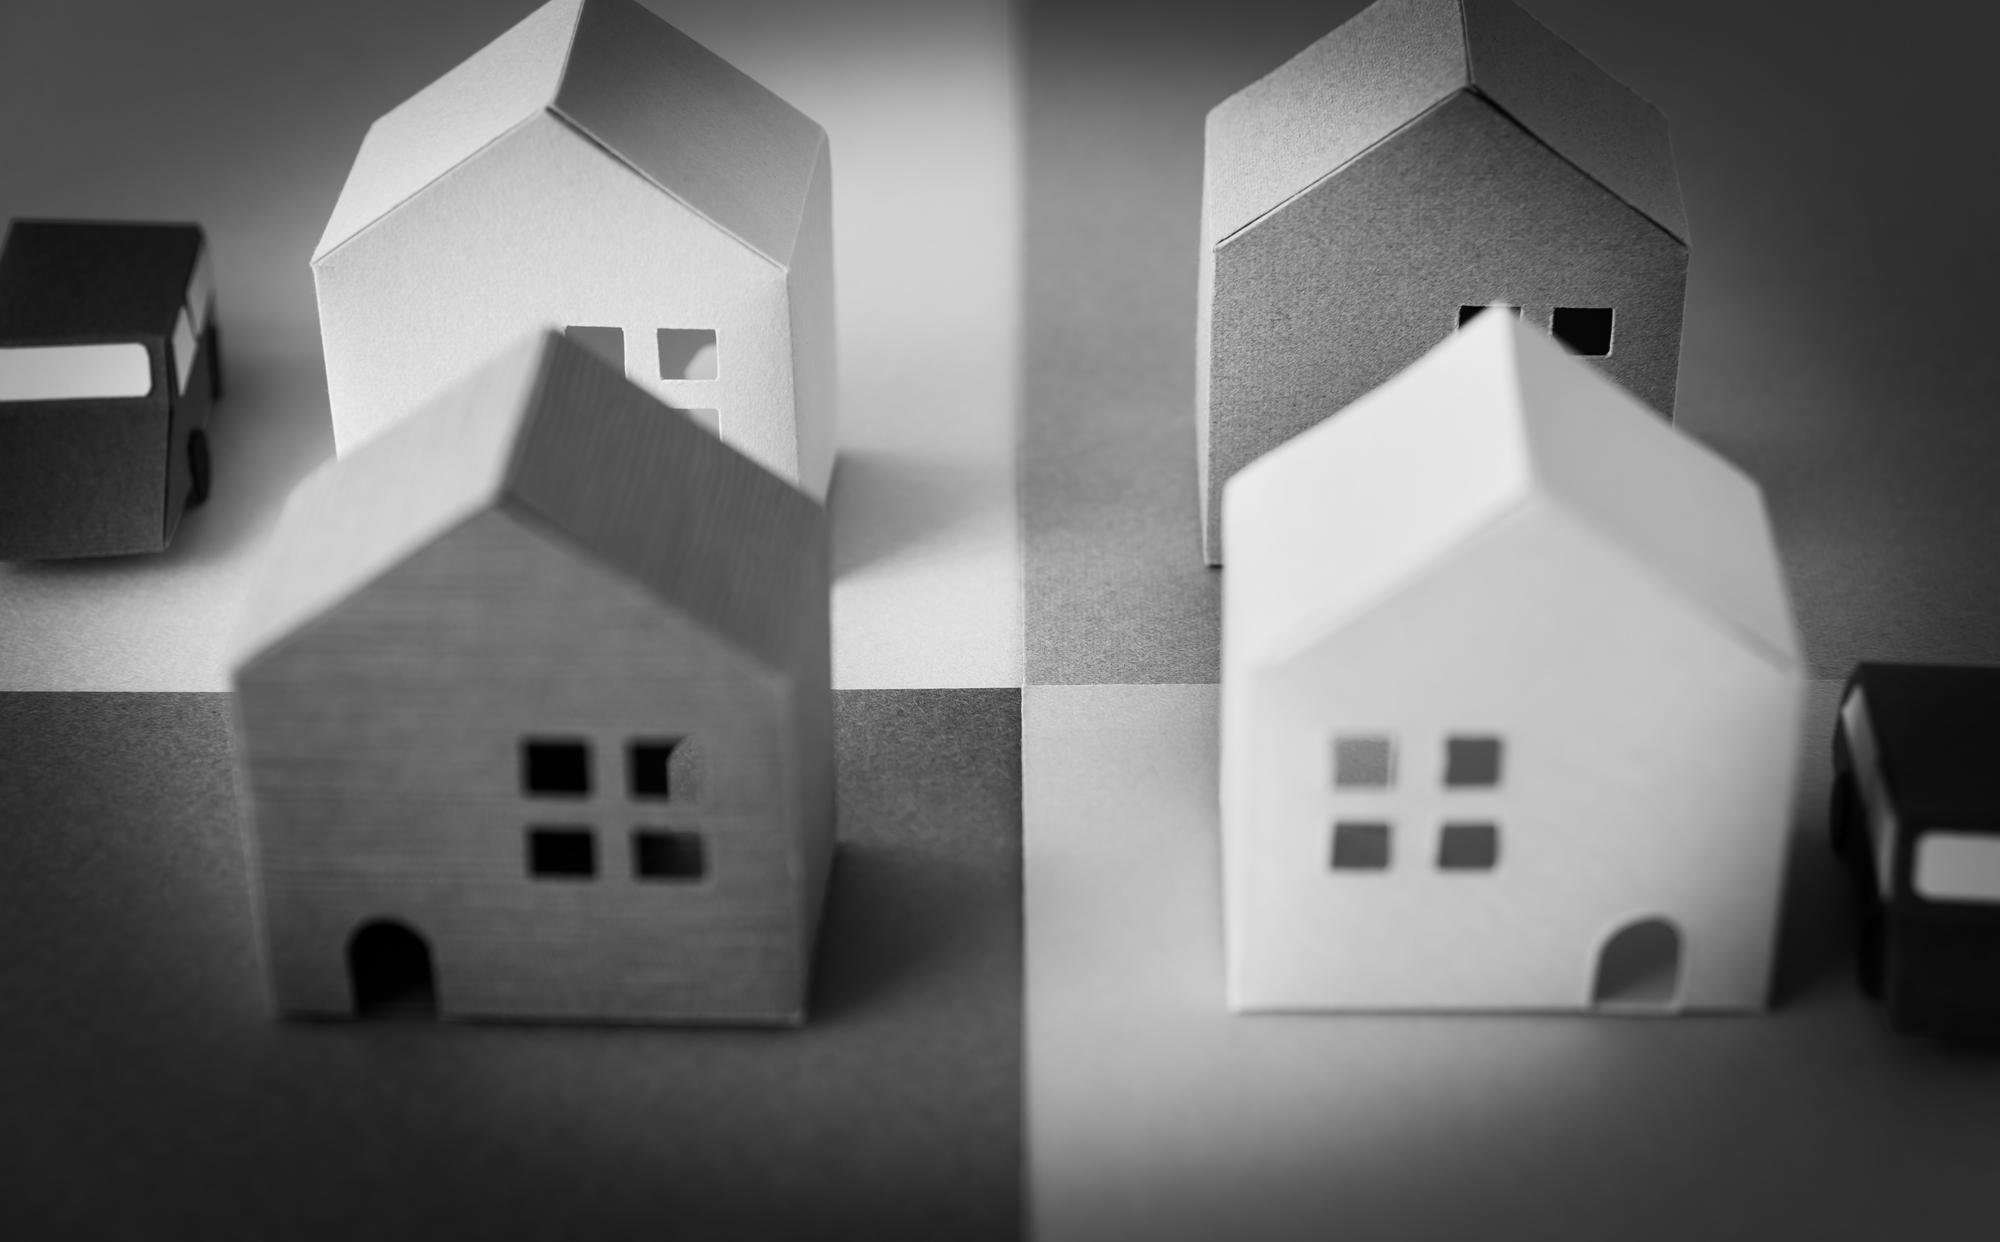 不動産購入時のありがちなトラブル事例とは?未然に防ぐコツと対処法を解説